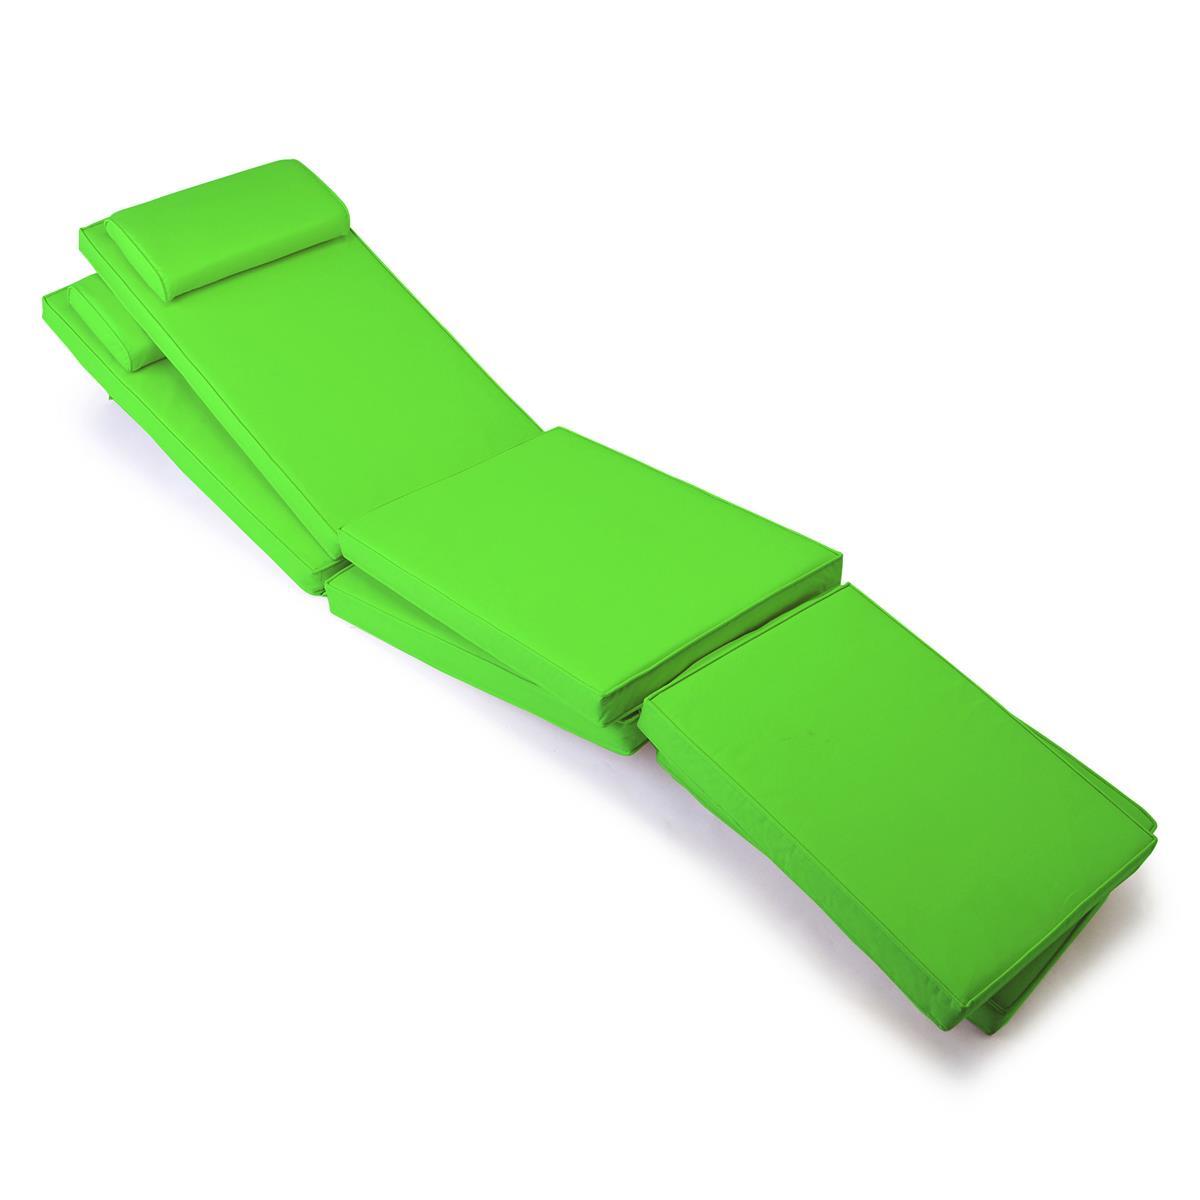 DIVERO 2x Liegenauflage Deckchair Steamer Liegestuhl-Auflage Polster hellgrün